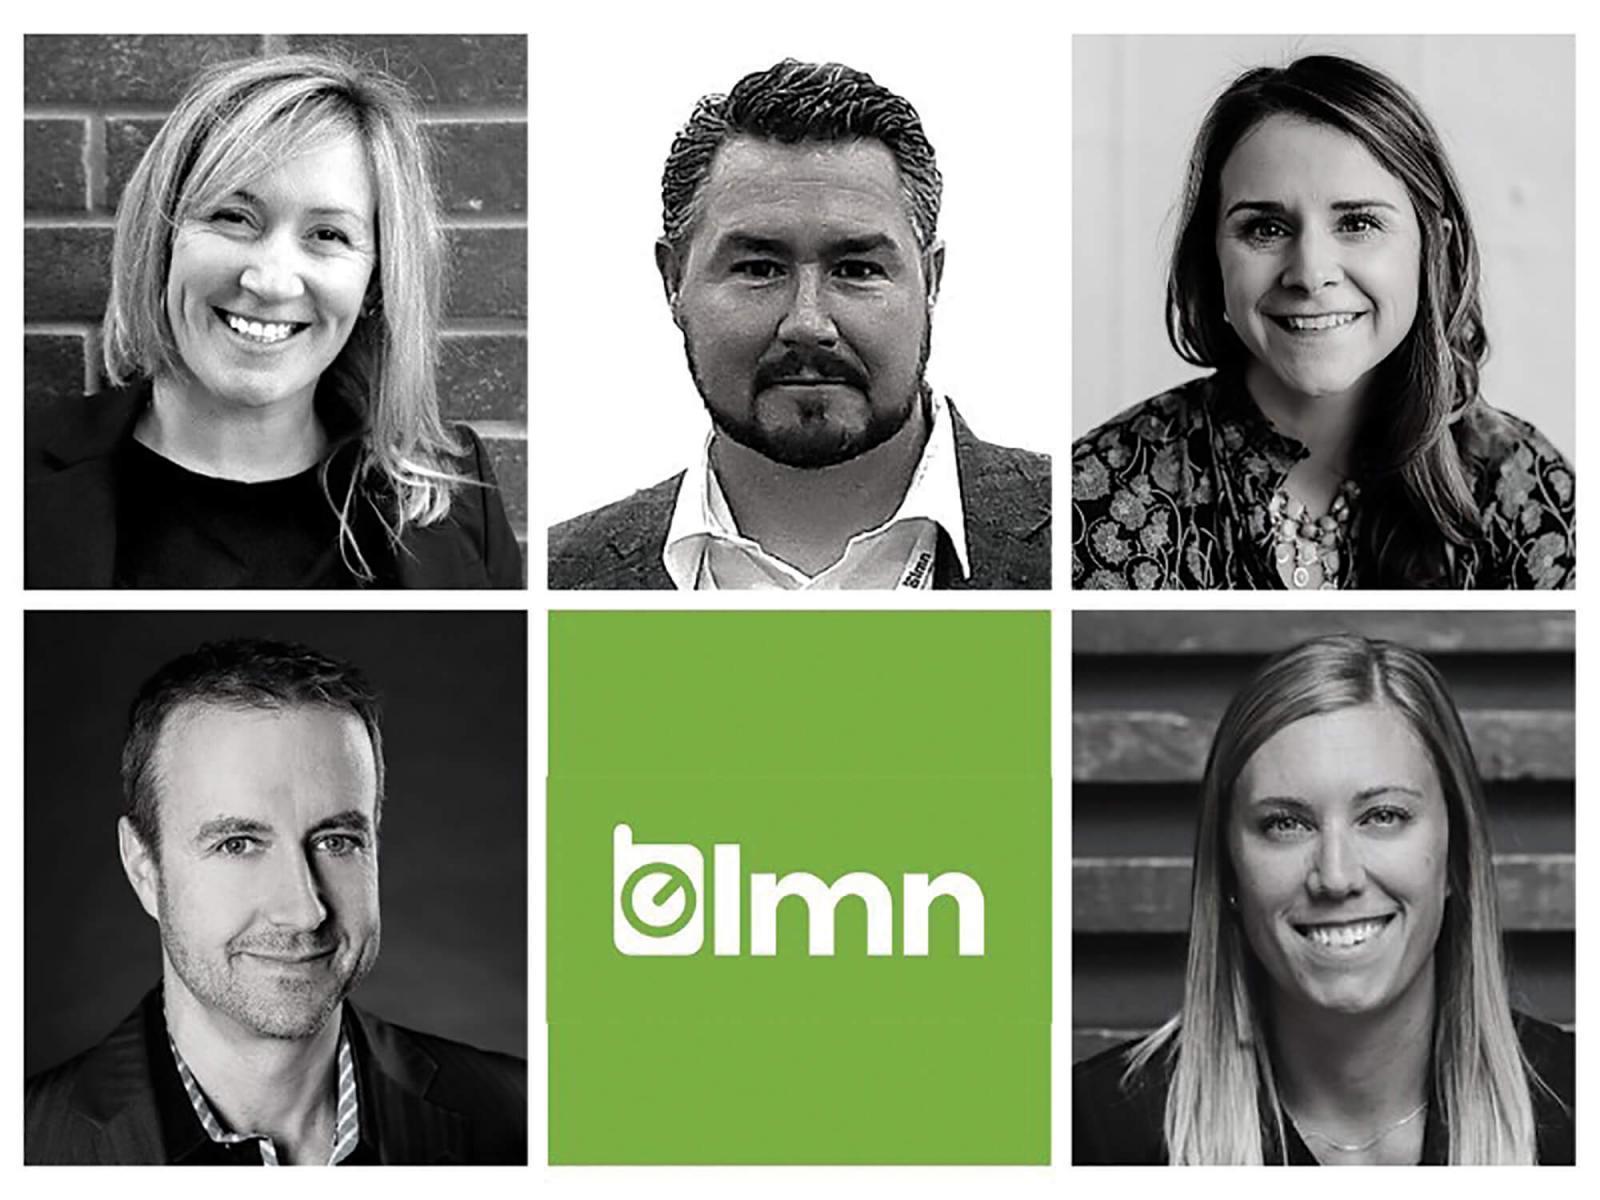 LMN announces 2021 leadership team